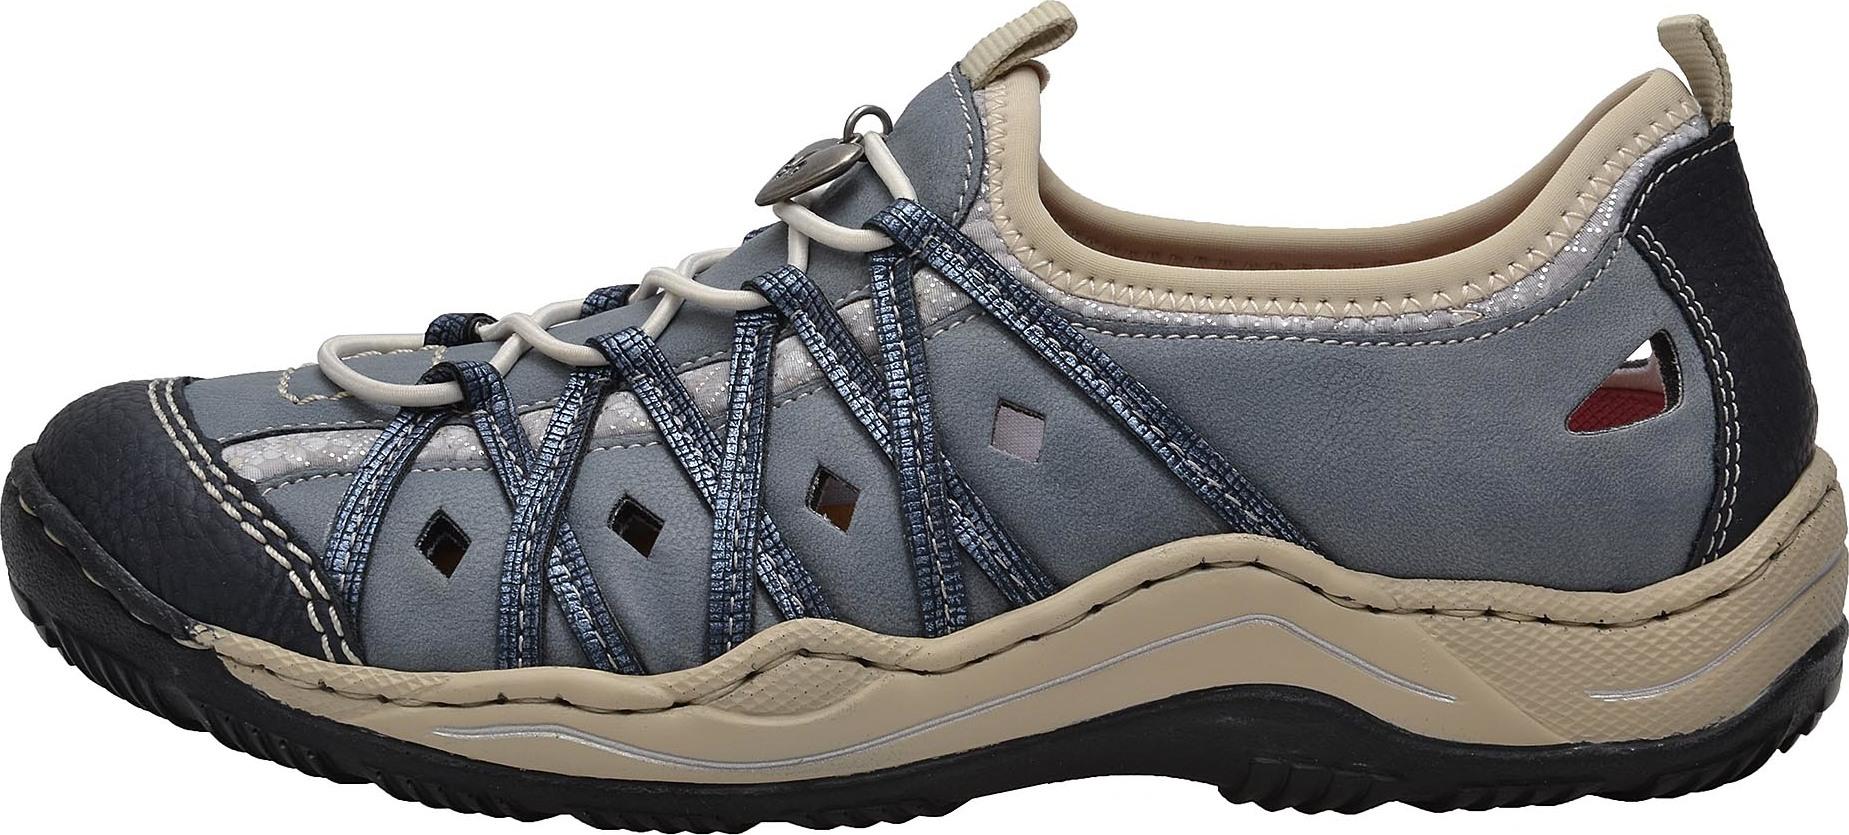 d15f26a508 Dámská obuv RIEKER L0567 14 BLAU KOMBI F S 8 – Rieker Antistress